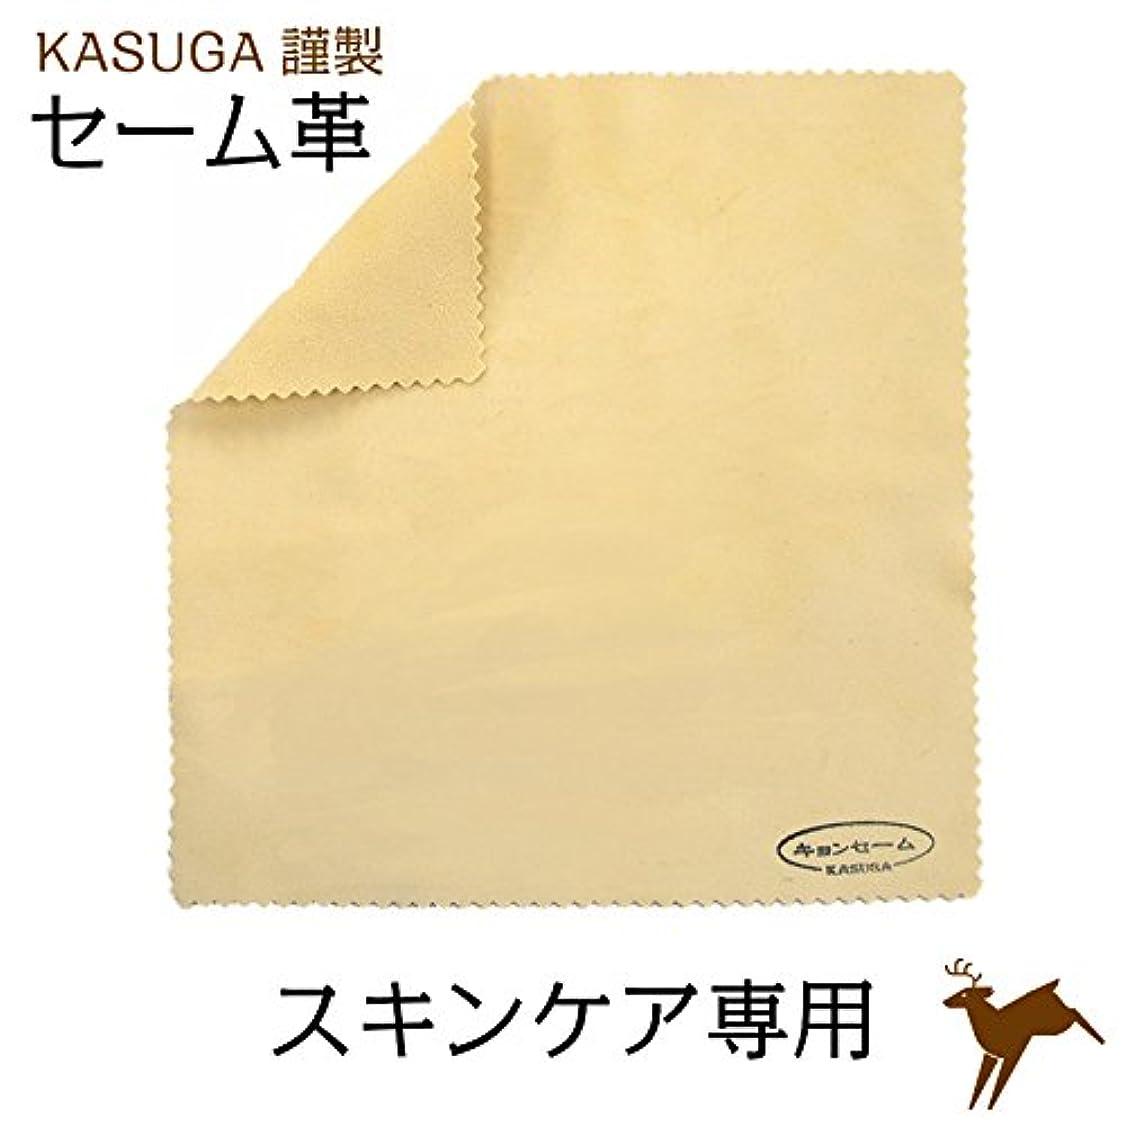 民間ツール許される春日カスガ謹製 スキンケア専用キョンセーム革 20cm×20cm 3???